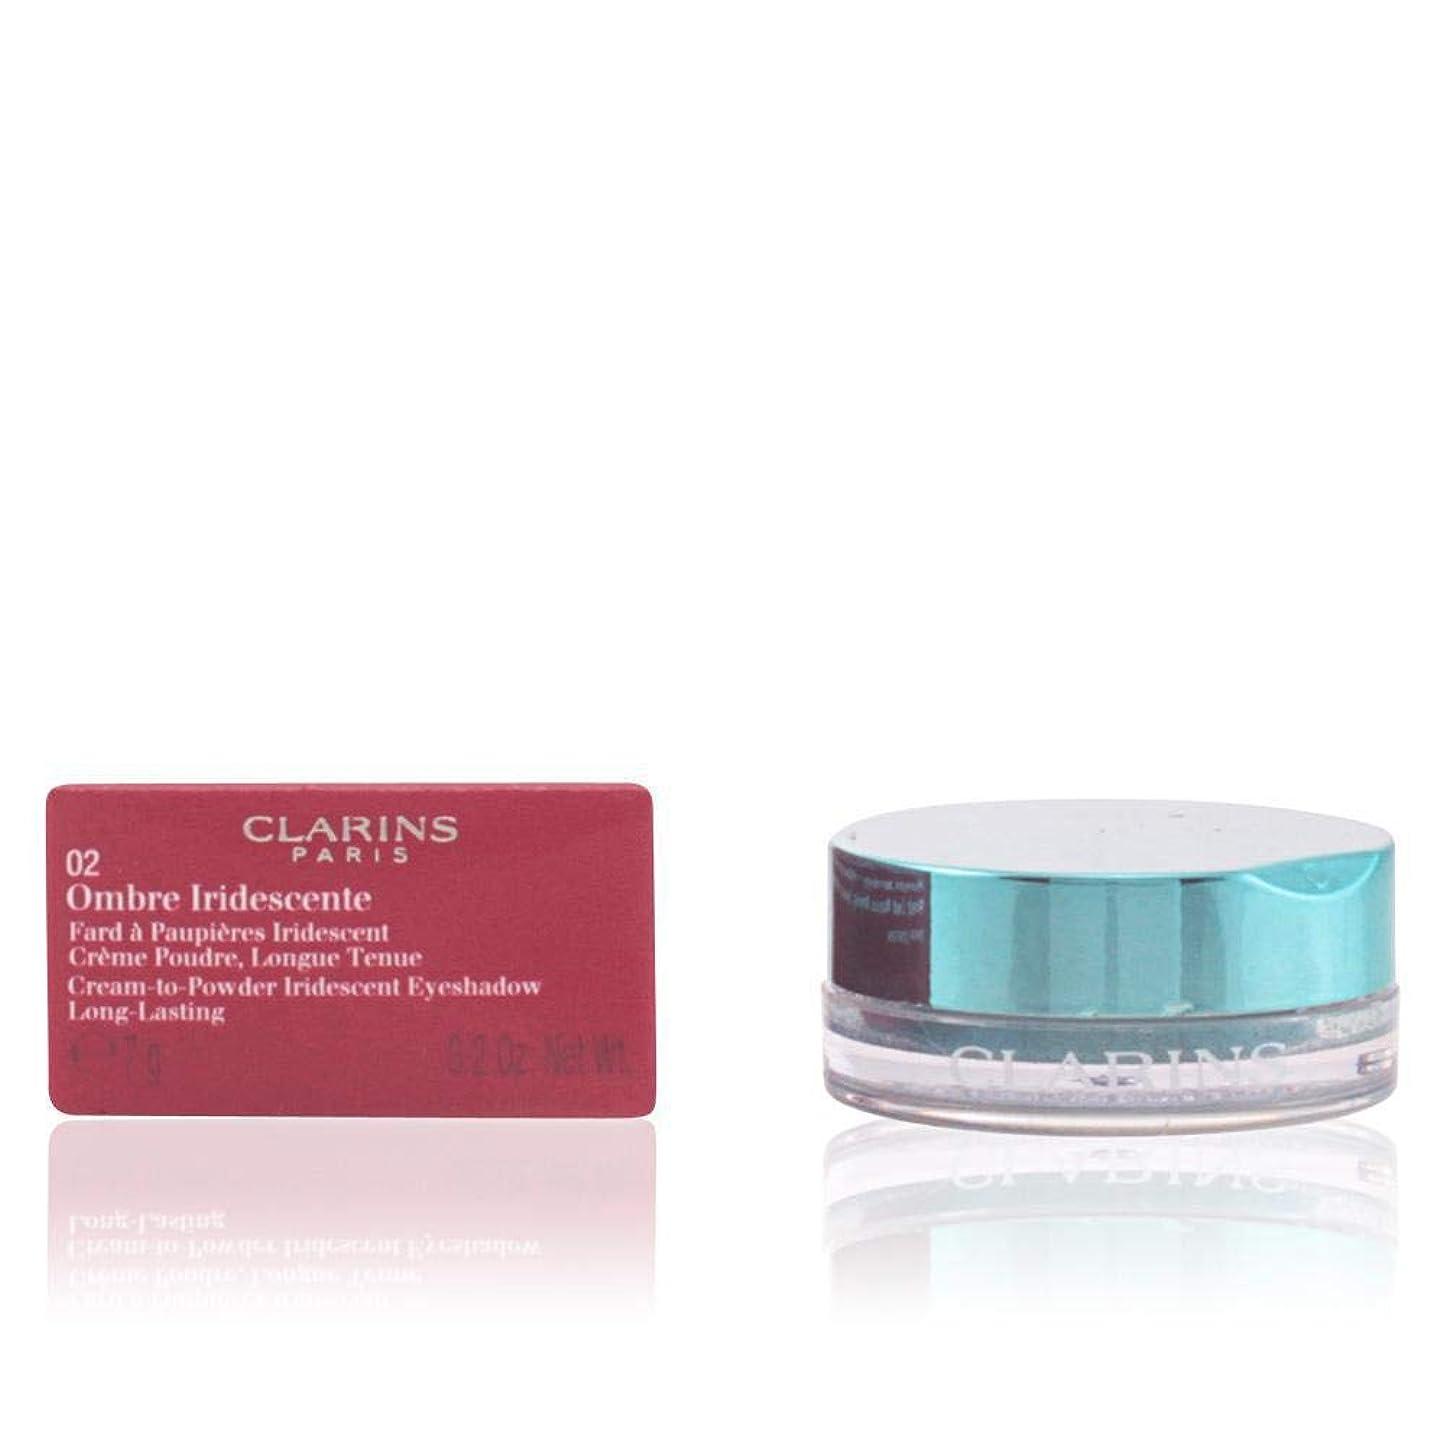 繰り返す釈義落胆させるクラランス Ombre Iridescente Cream To Powder Iridescent Eyeshadow - #06 Sliver Green 7g/0.2oz並行輸入品